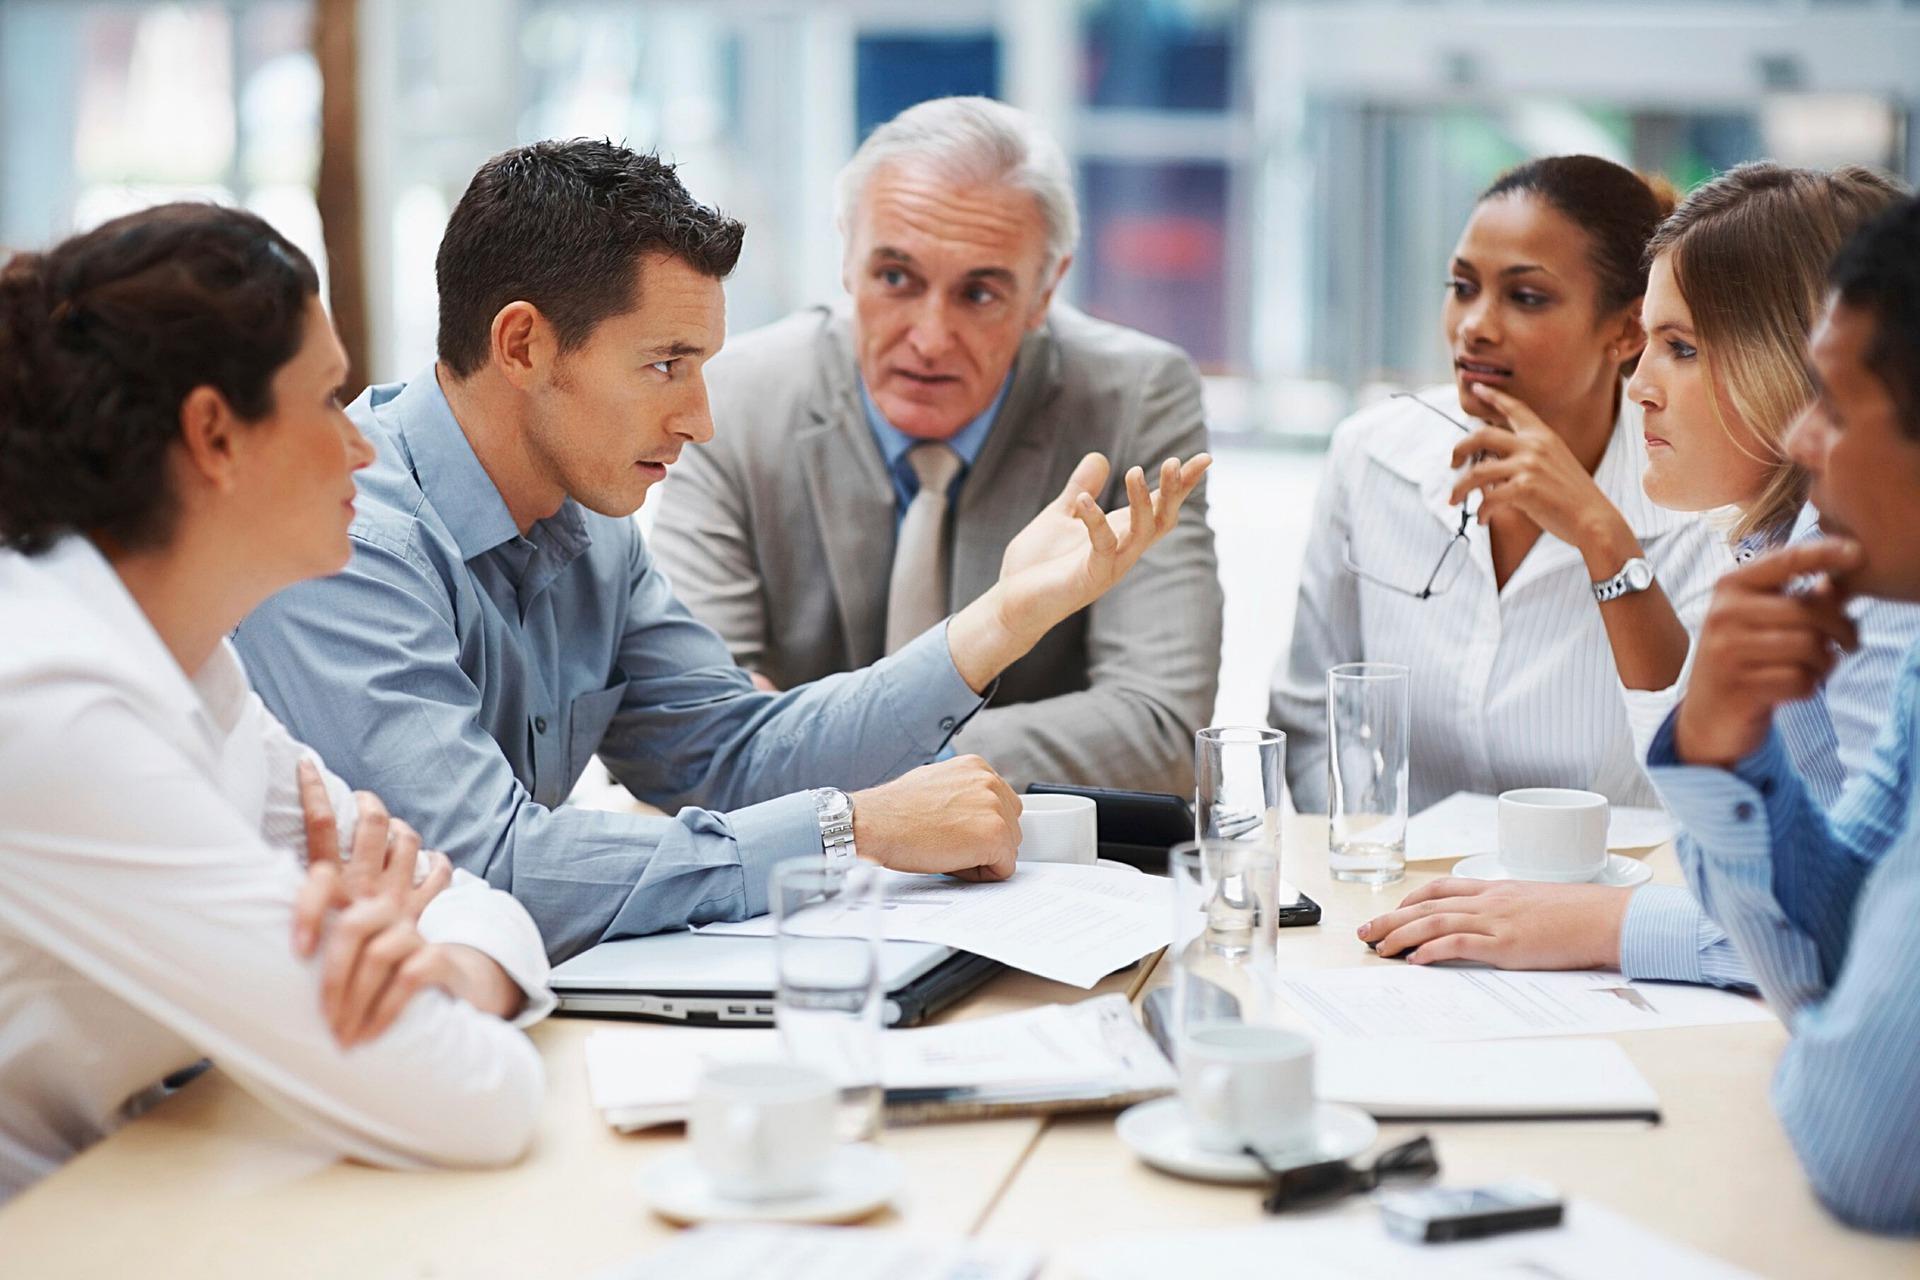 business-meeting-5395567_c_joseph-mucira_pixabay